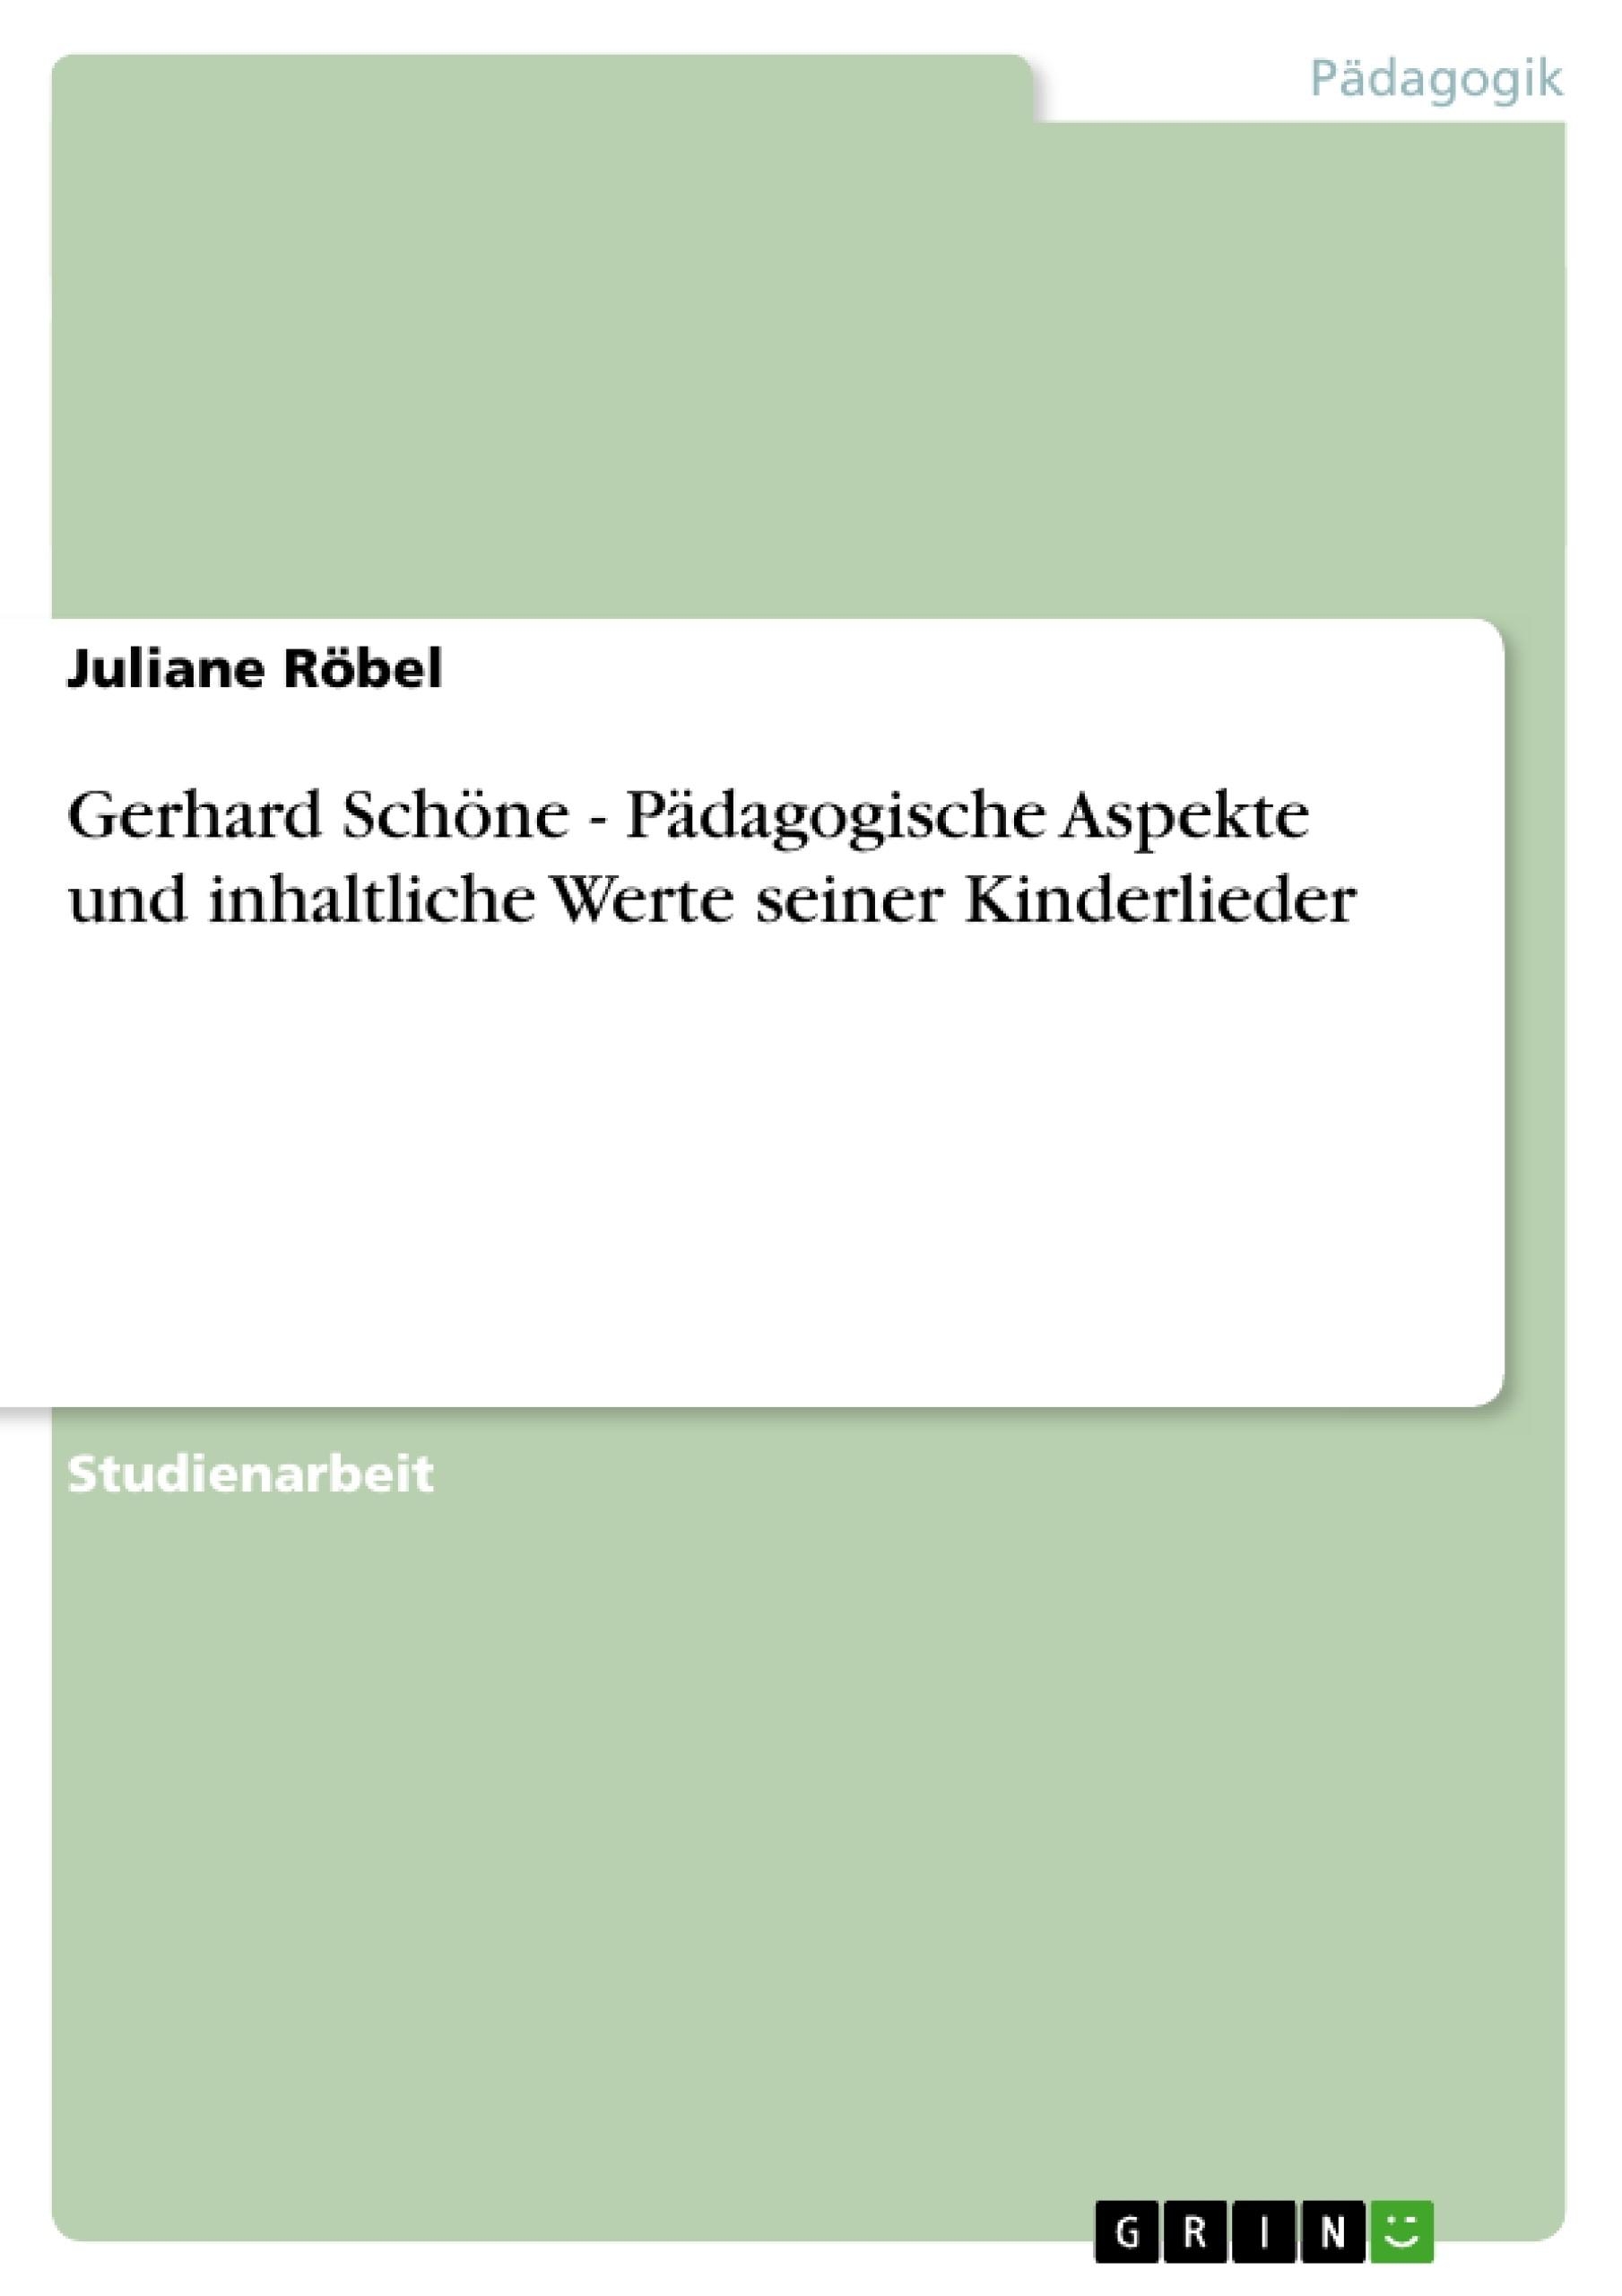 Titel: Gerhard Schöne - Pädagogische Aspekte und inhaltliche Werte seiner Kinderlieder